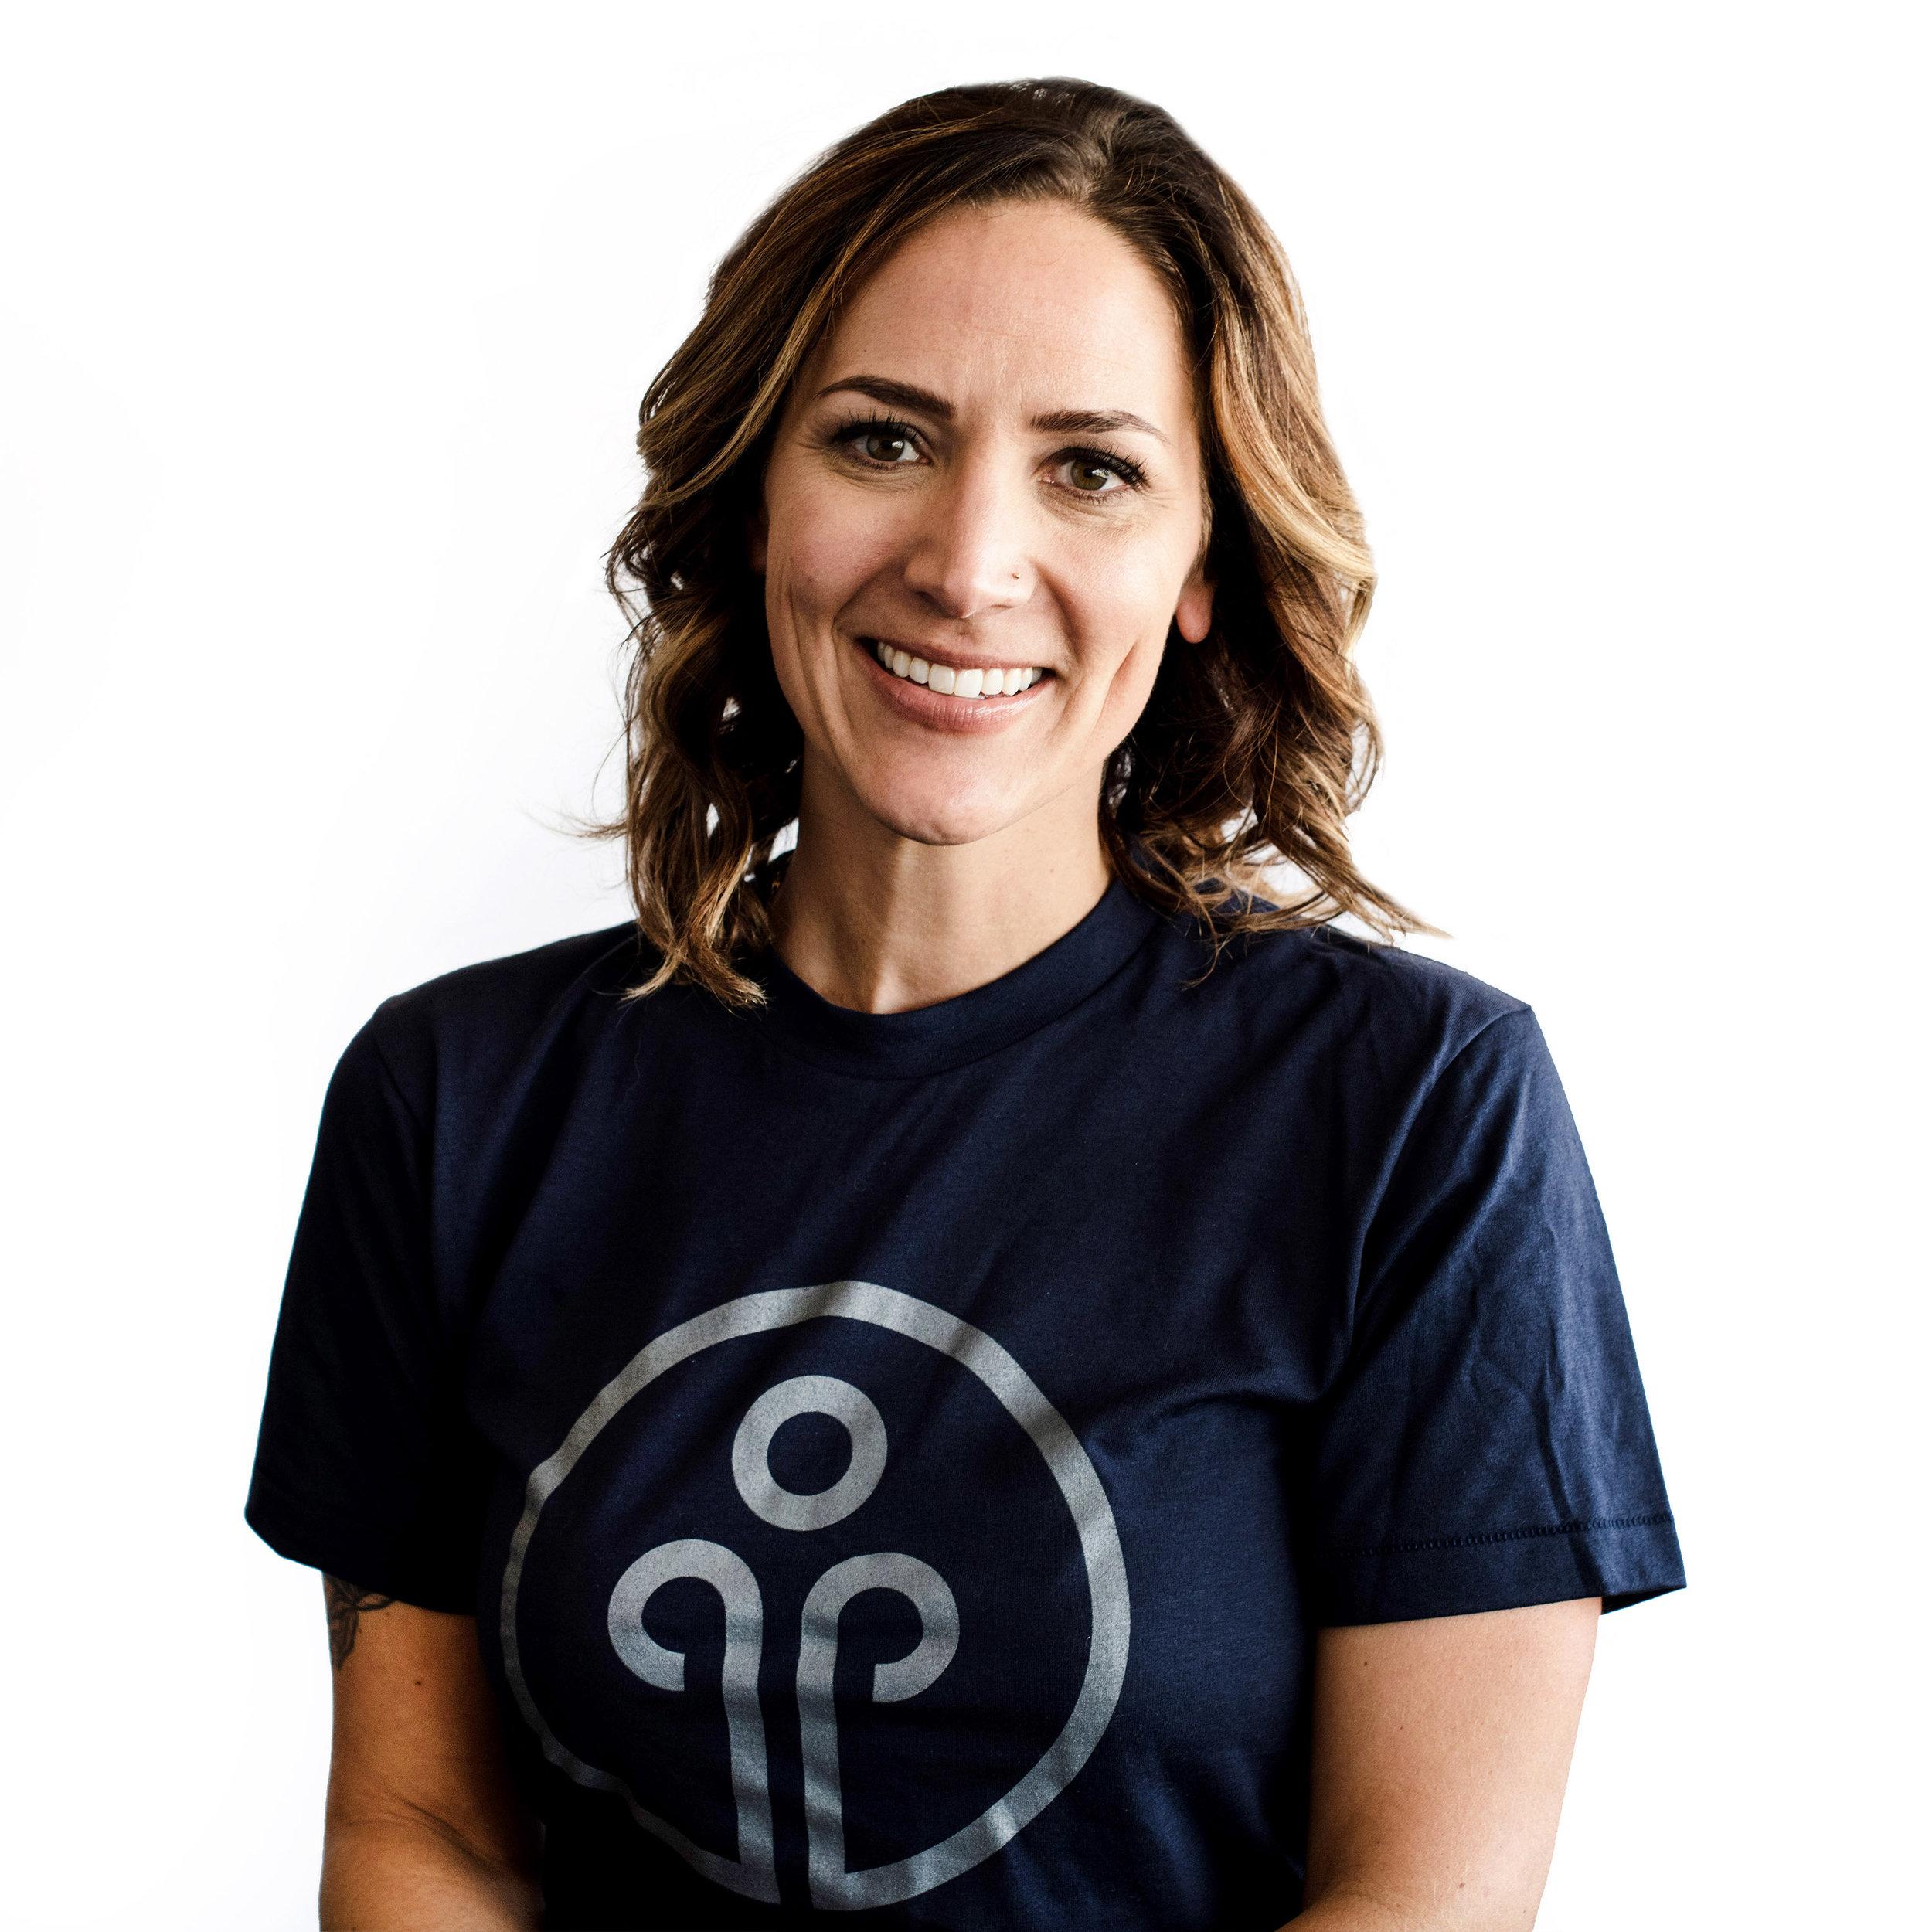 Dr. Susan Echt Ritter - chief medical advisor